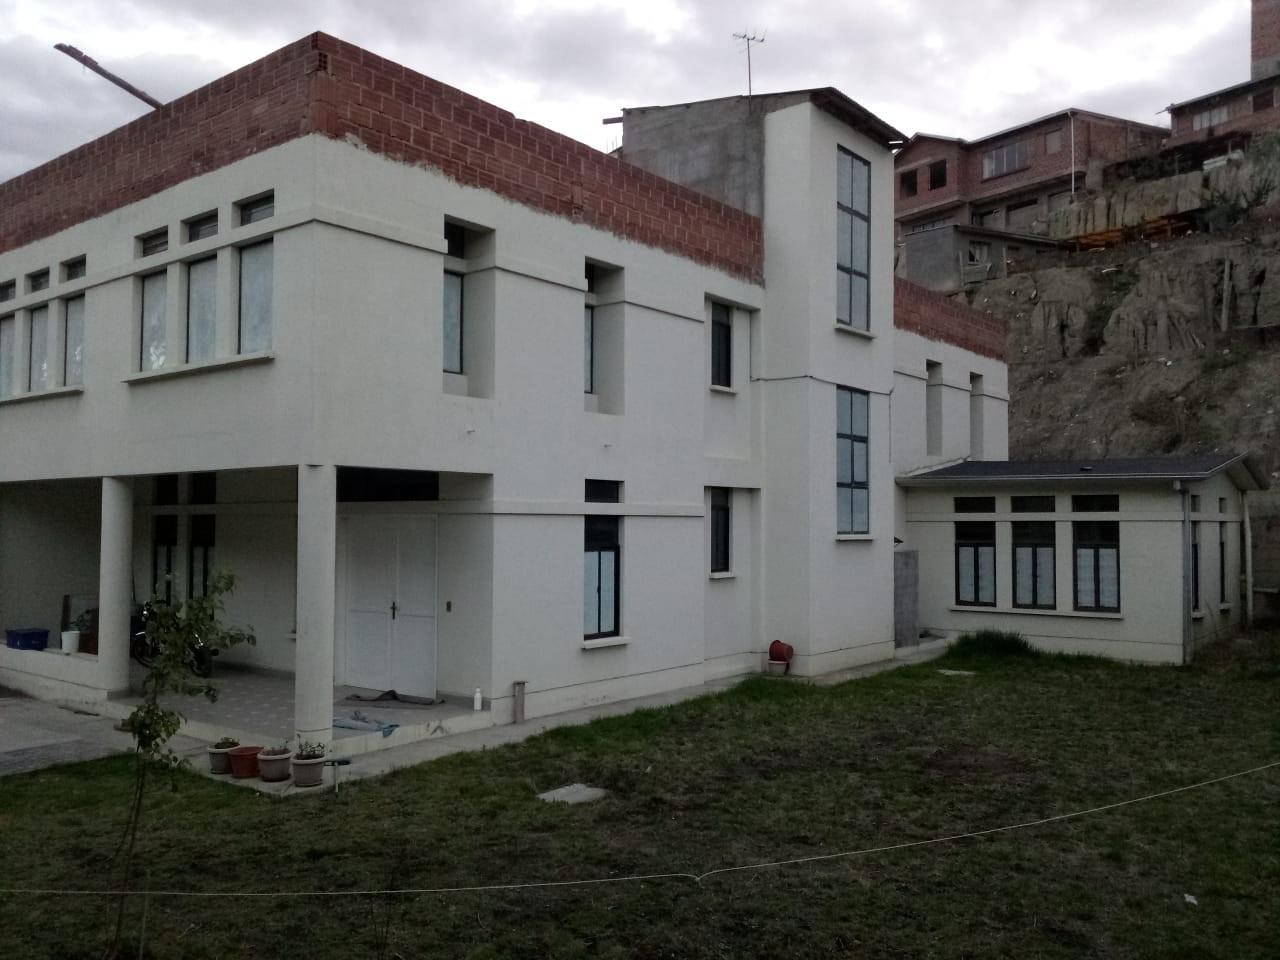 Casa en Venta A una cuadra de la avenida principal del puente de Lipari Foto 1